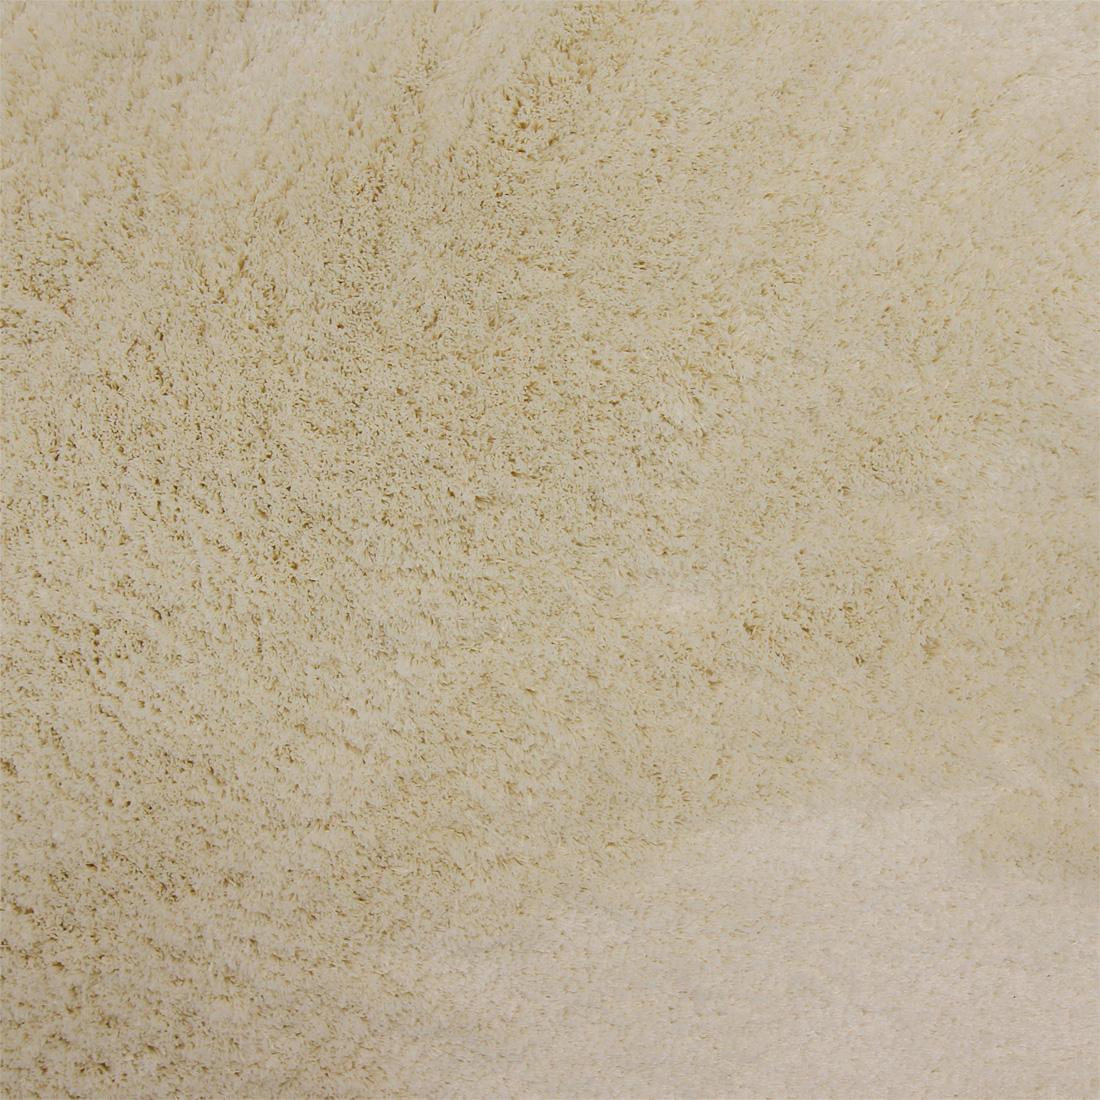 Vloerkleed Xilento Silky Soft Feather